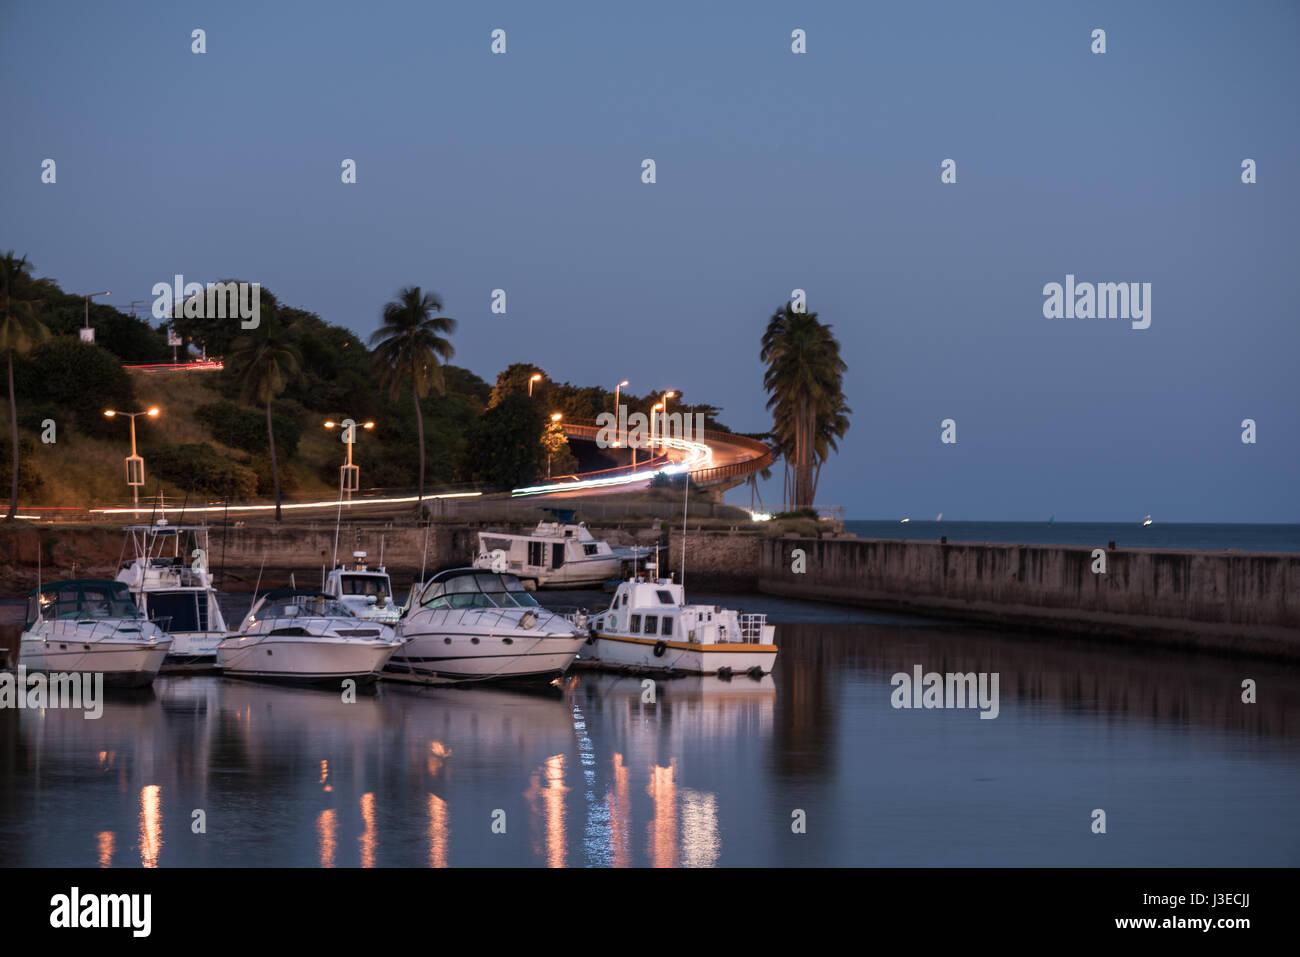 The marina in Mozambique's capital city of Maputo Stock Photo